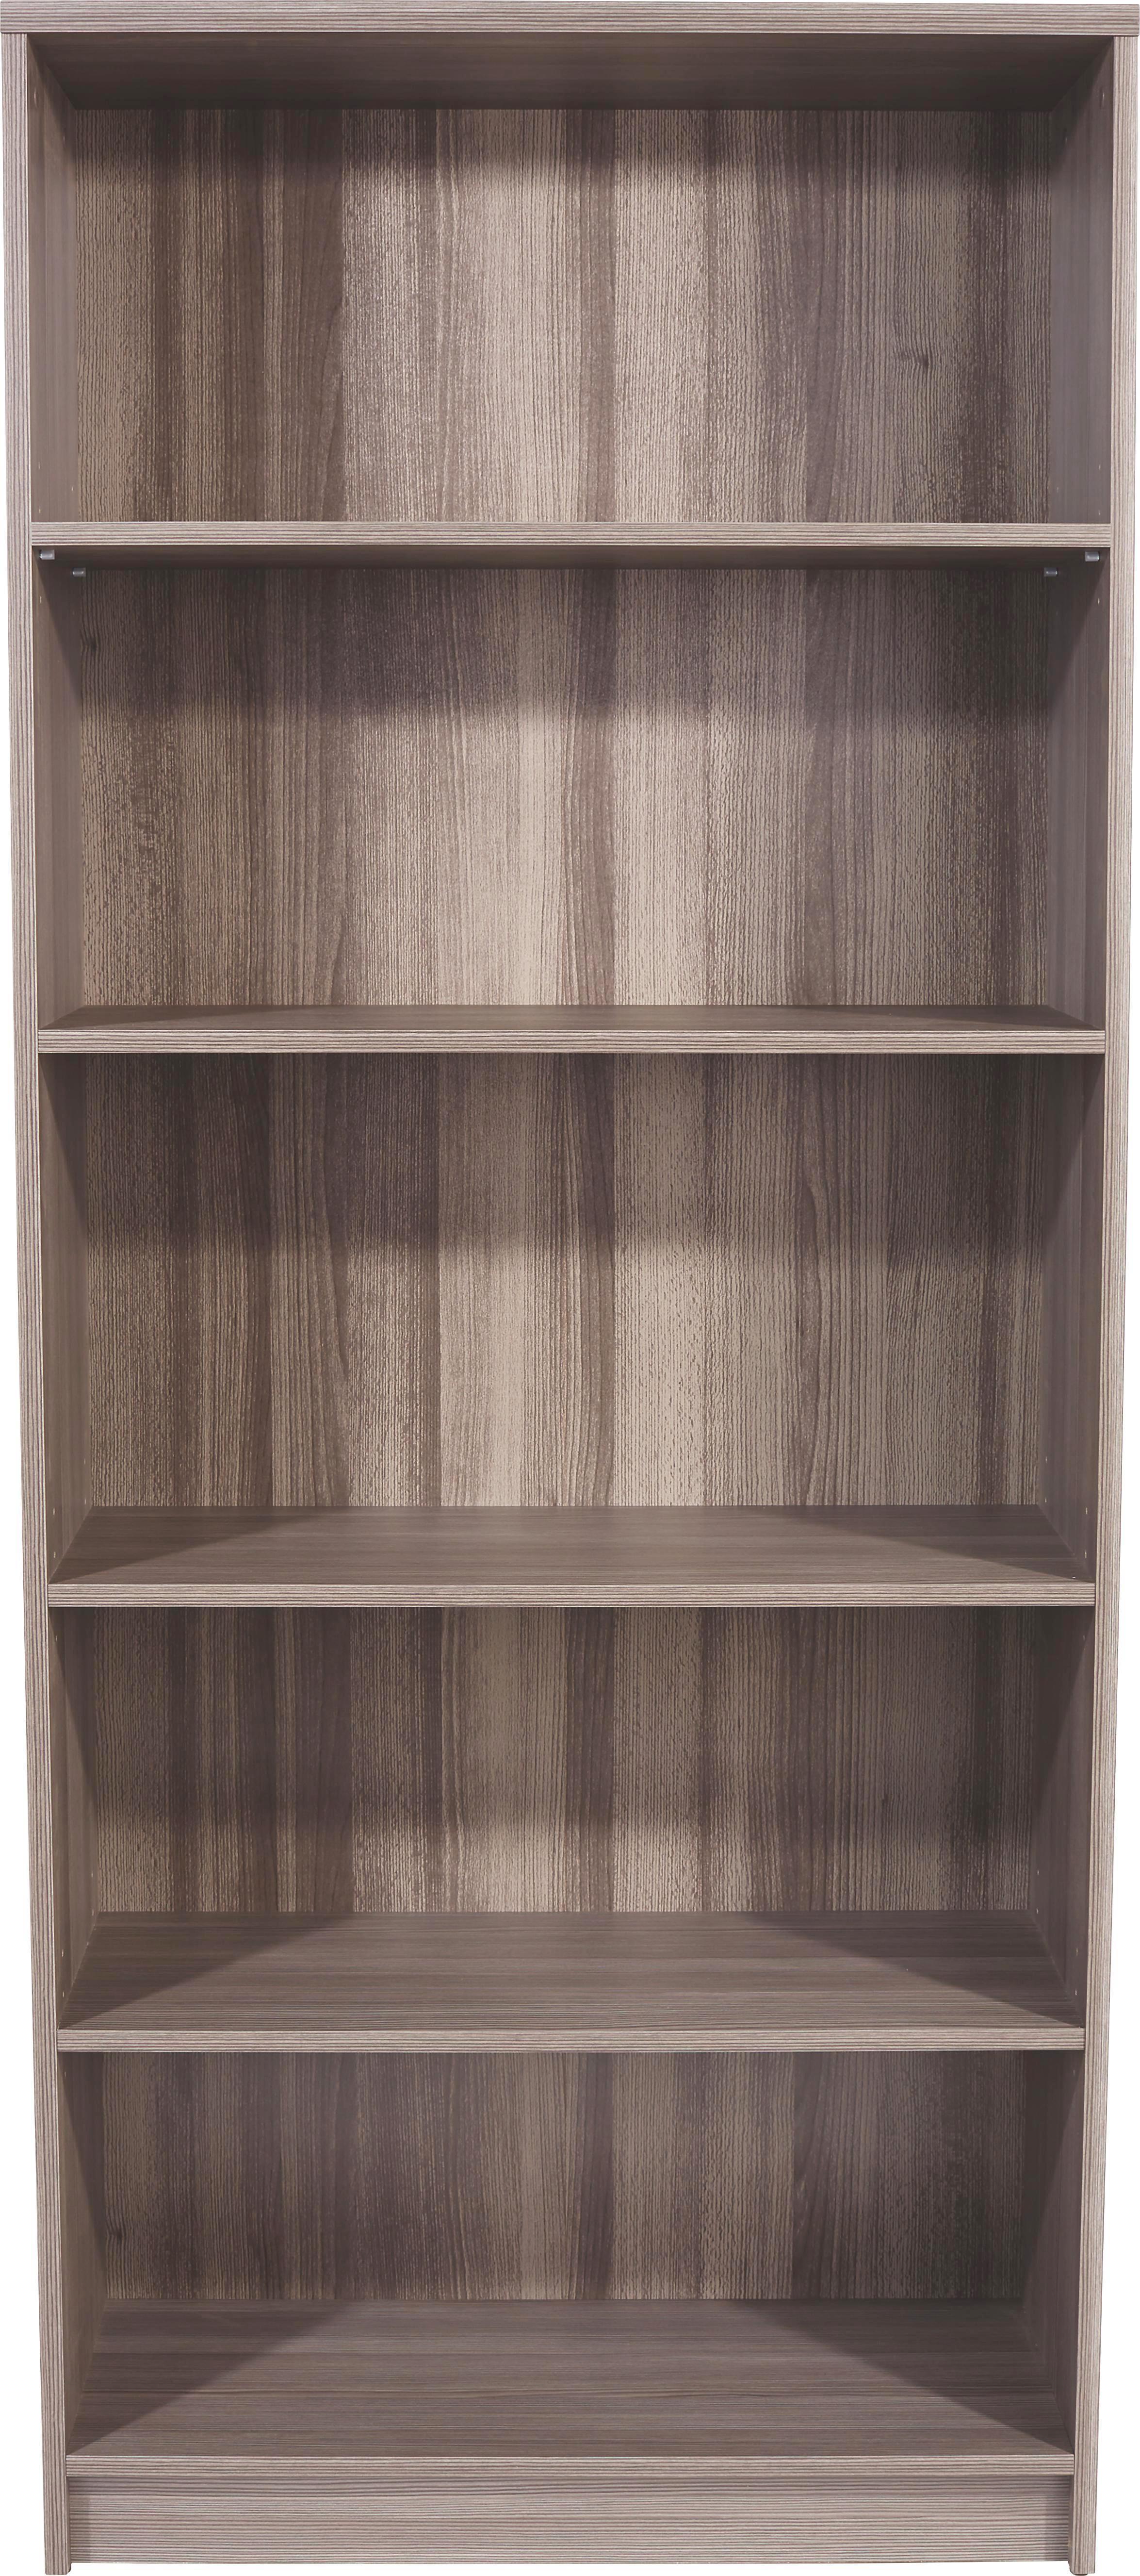 Regál 4-you Yur03 - tmavě hnědá, Moderní, dřevěný materiál (74/189,5/34,6cm)